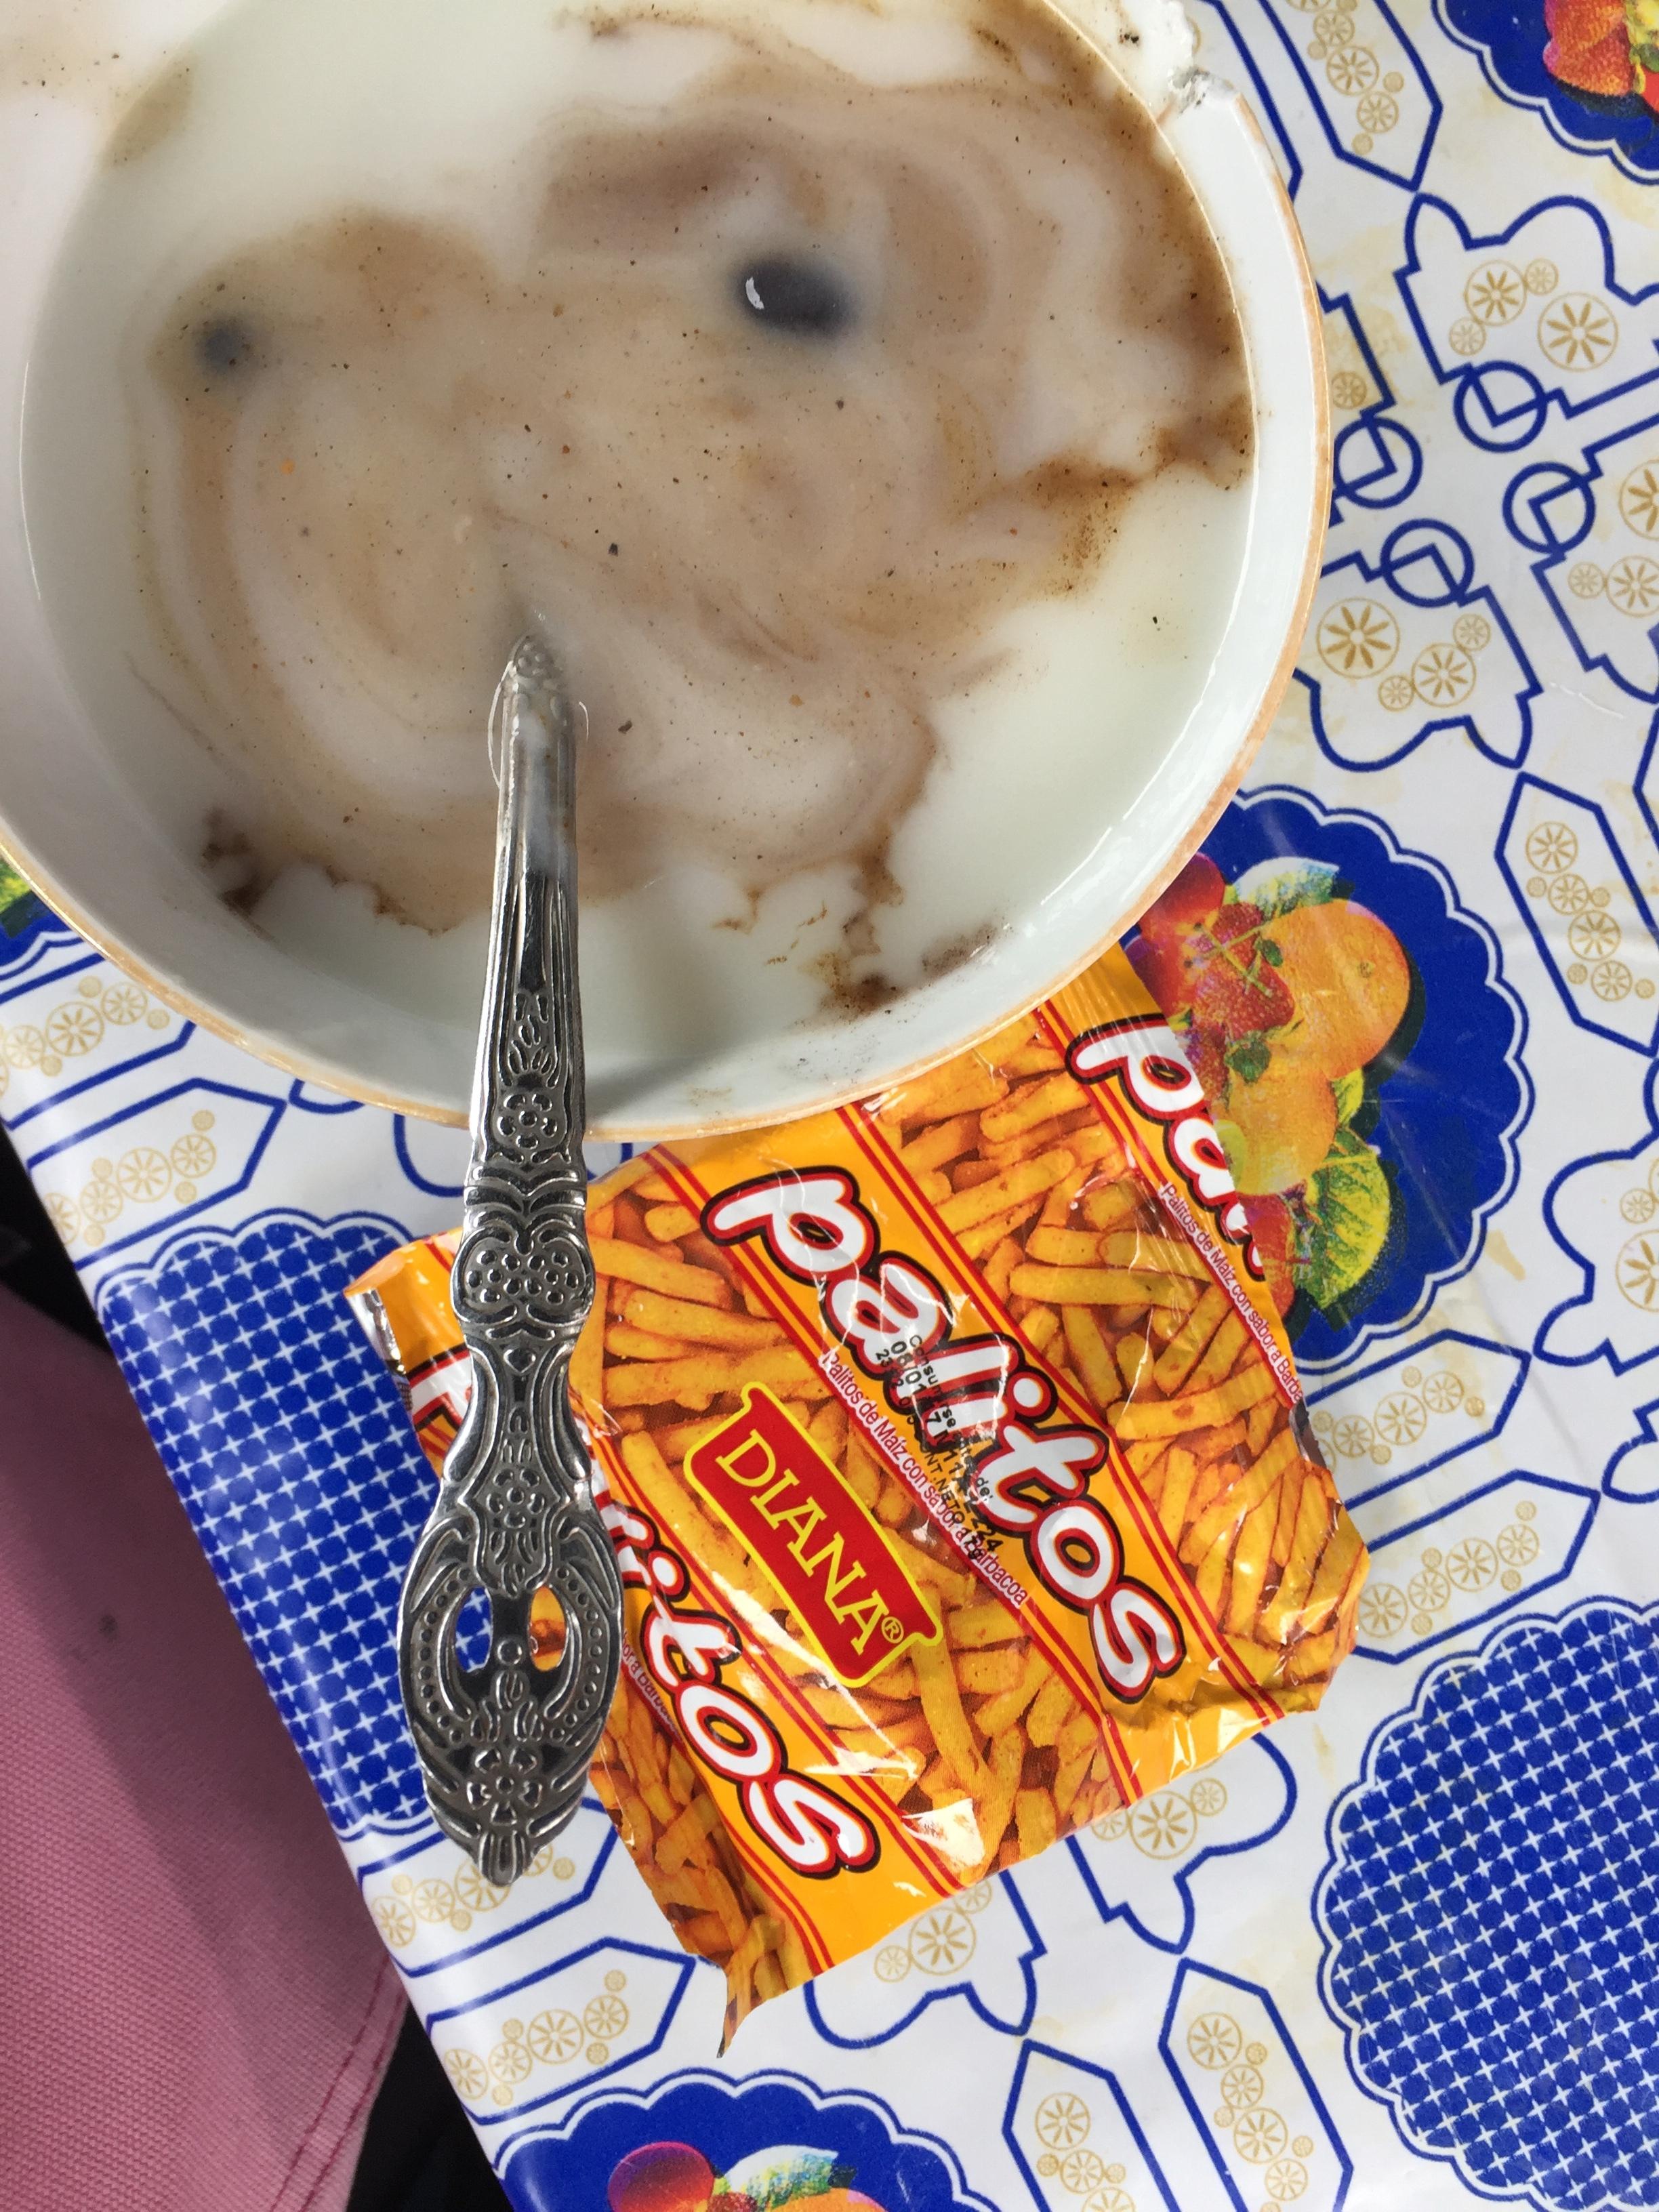 Atol porridge with palitos